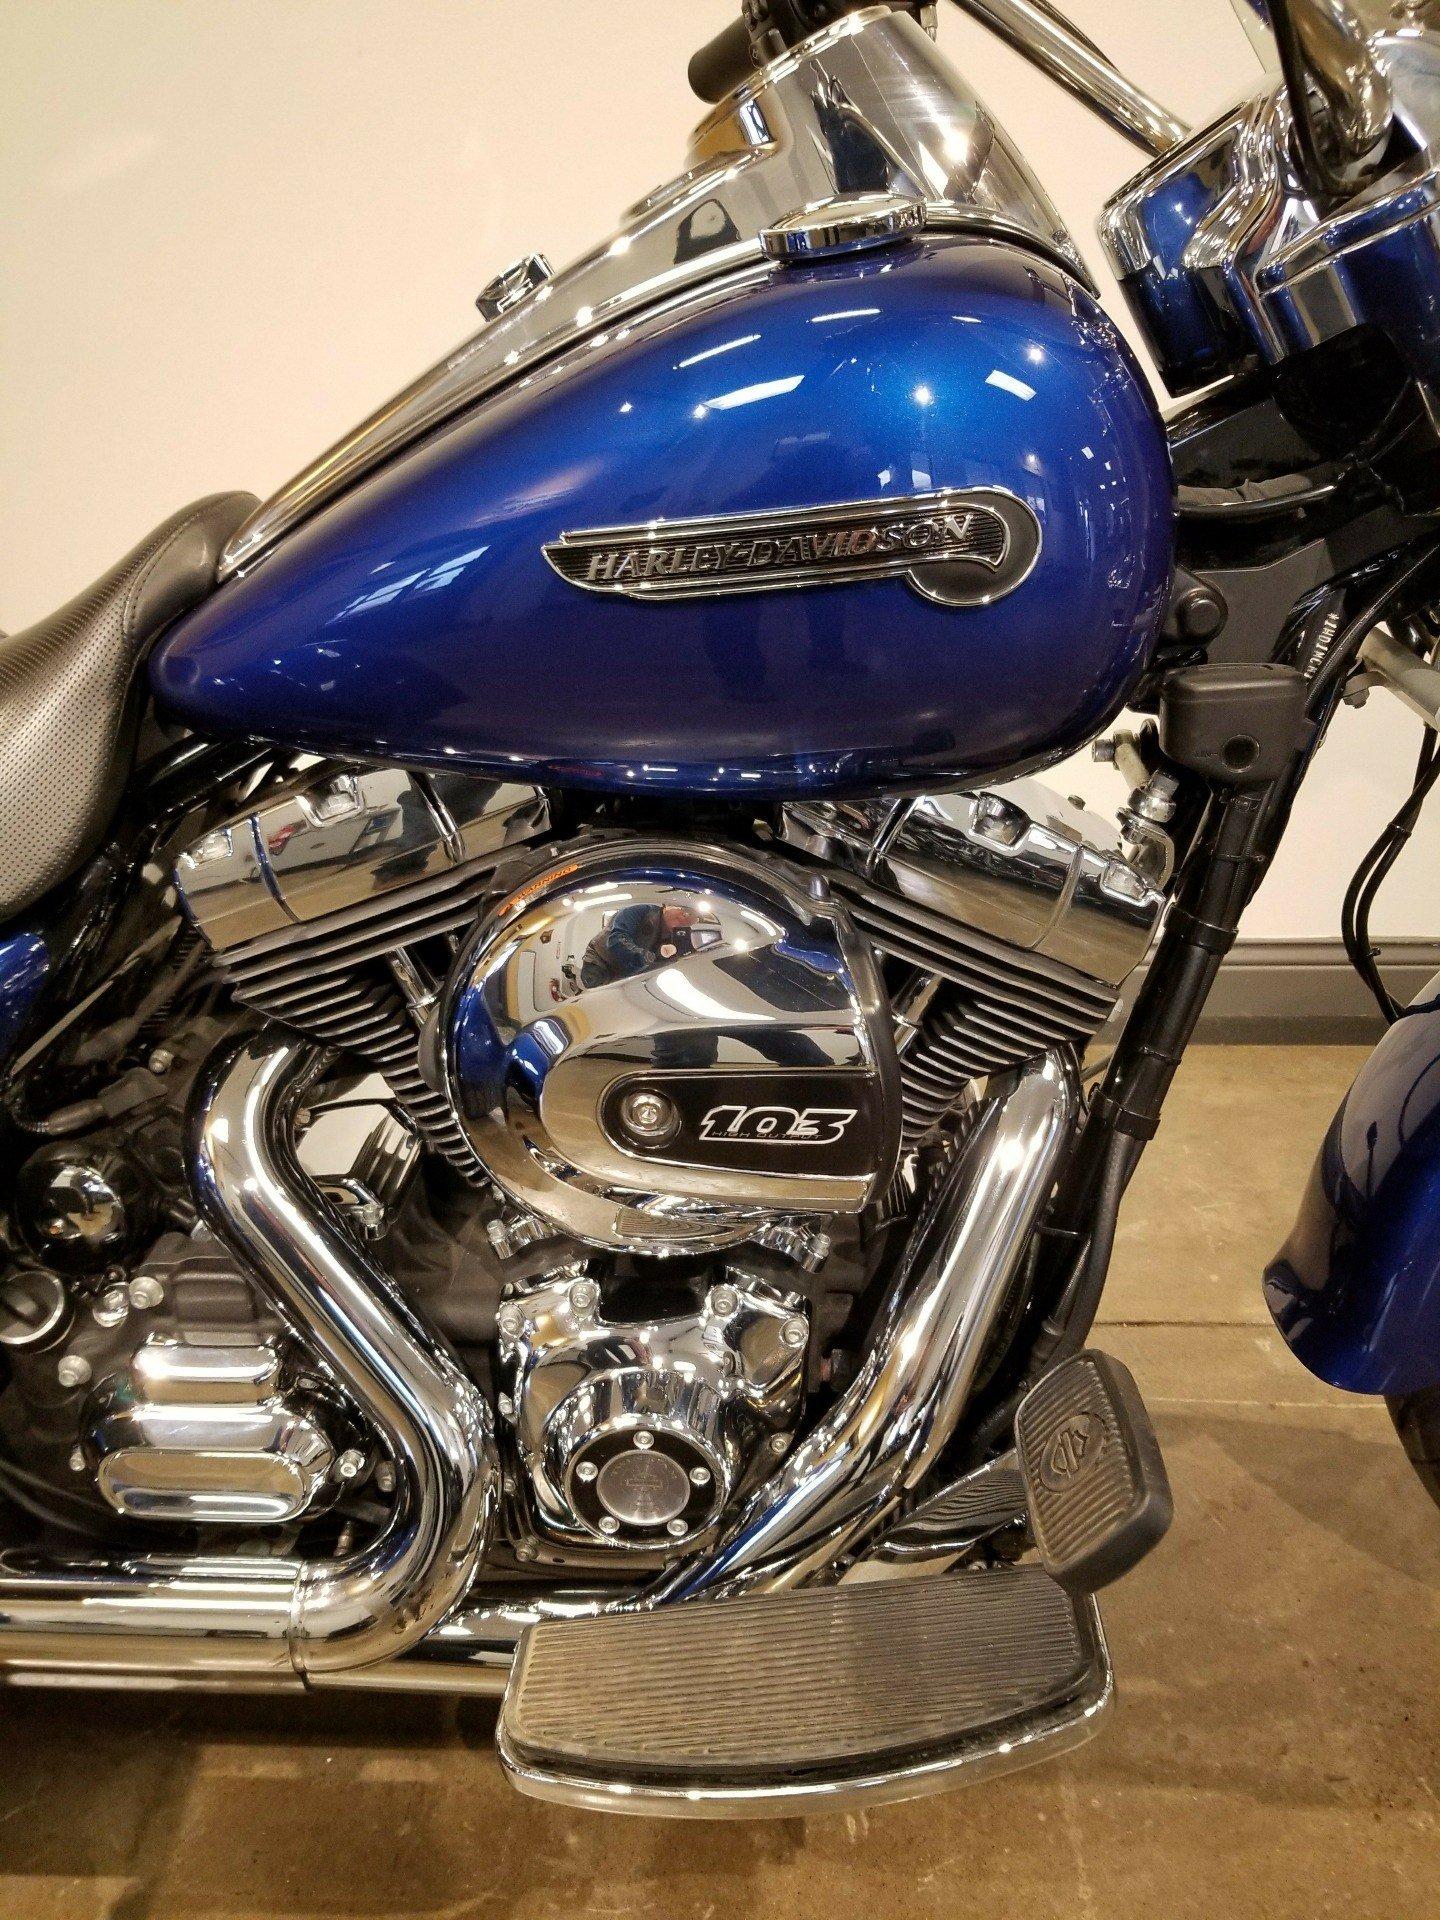 2015 Harley-Davidson Freewheeler 1